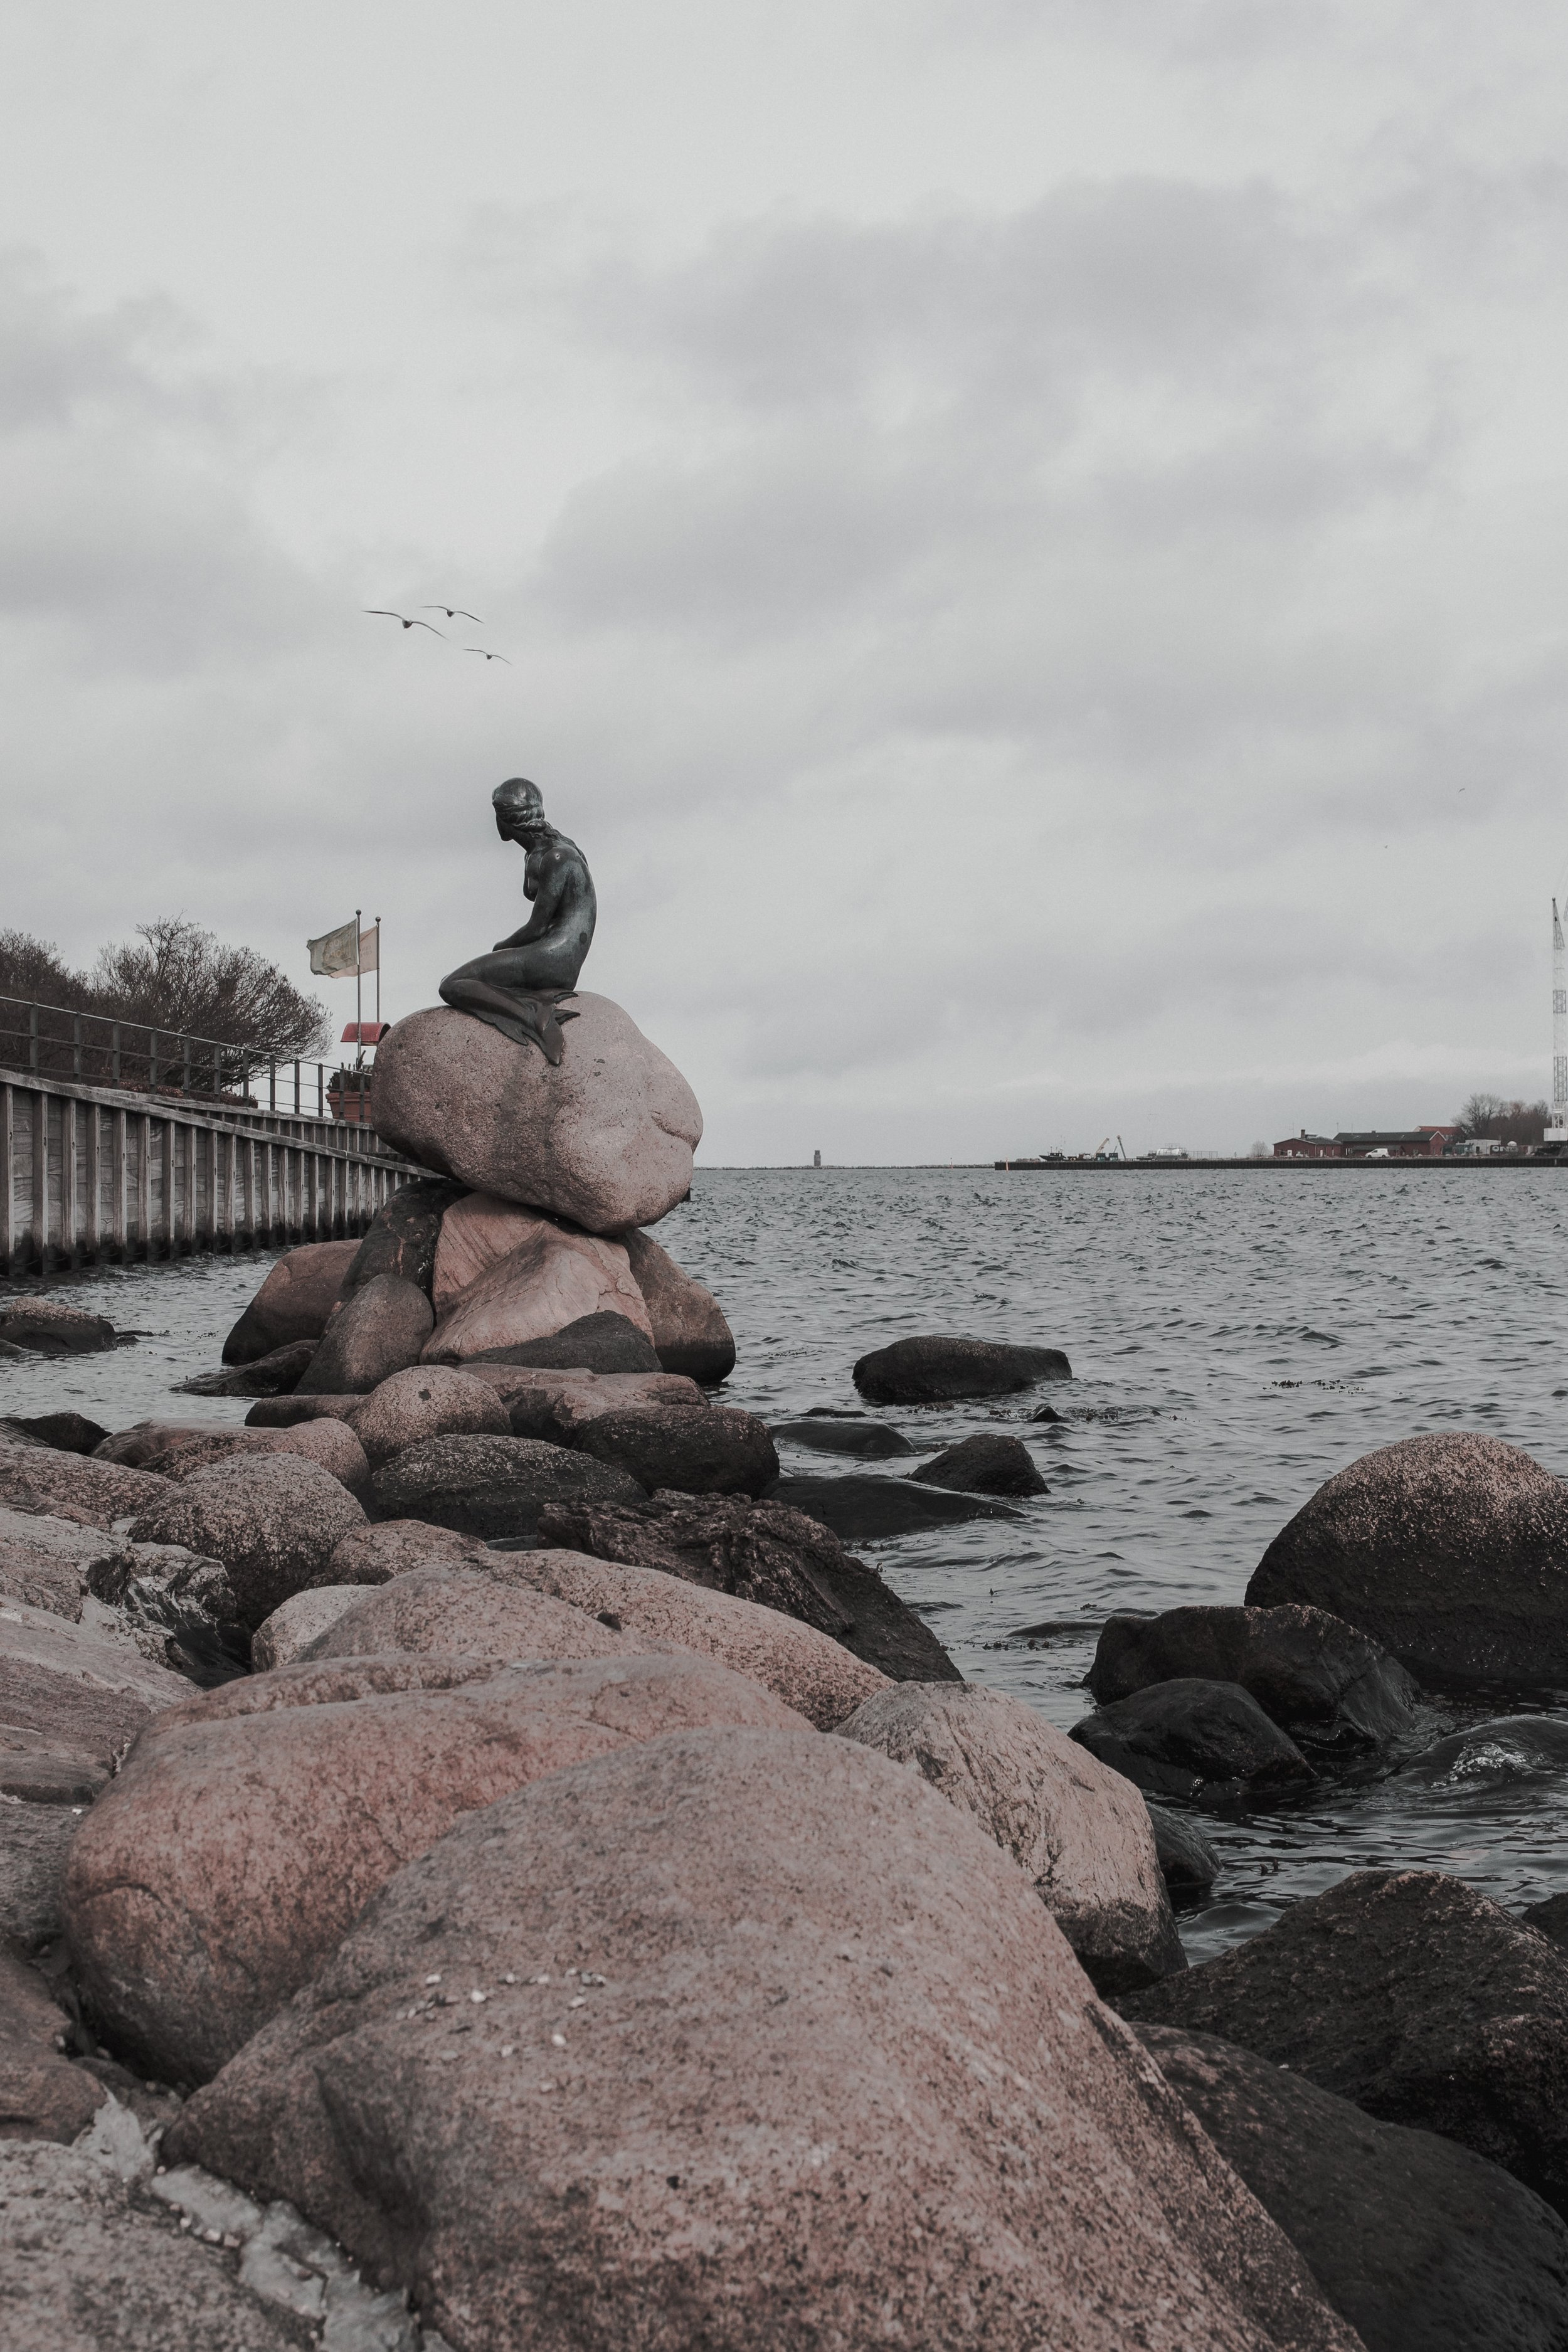 Little Mermaid is a must visit in Copenhagen.